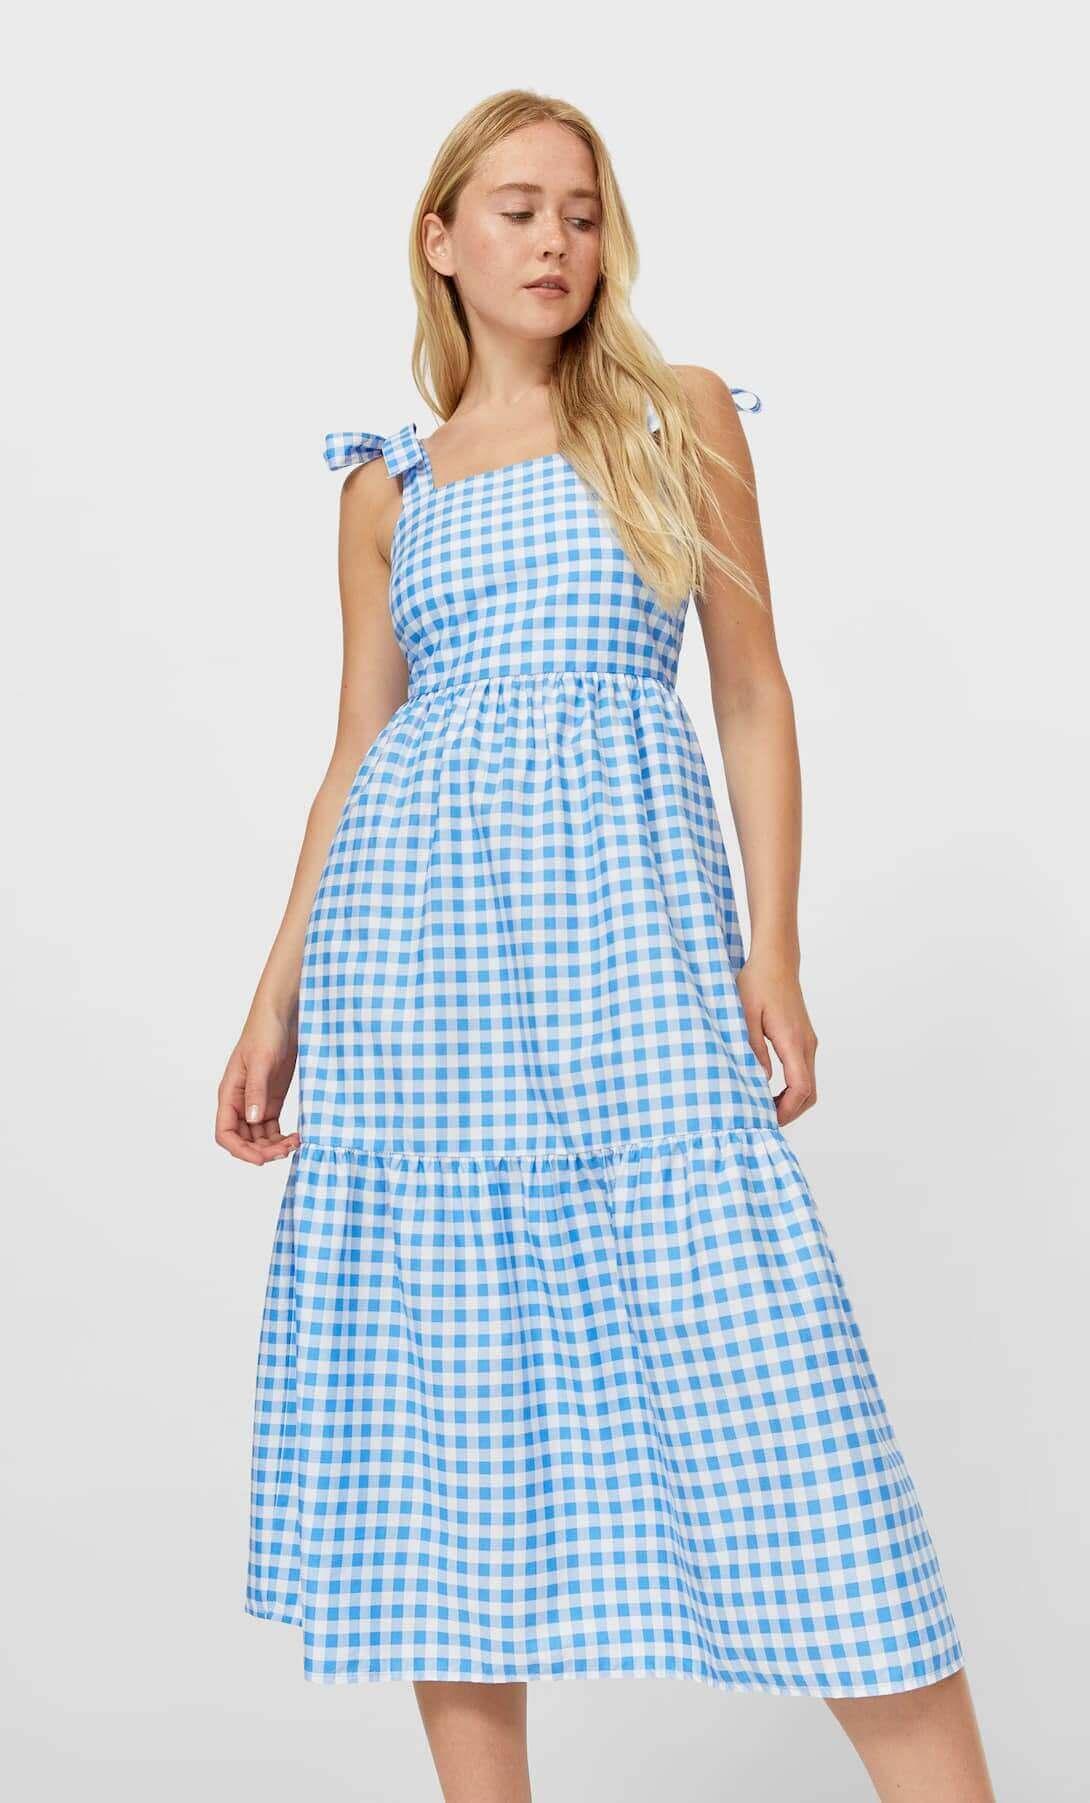 mulher com vestido branco com padrão de quadrados azuis da Stradivarius